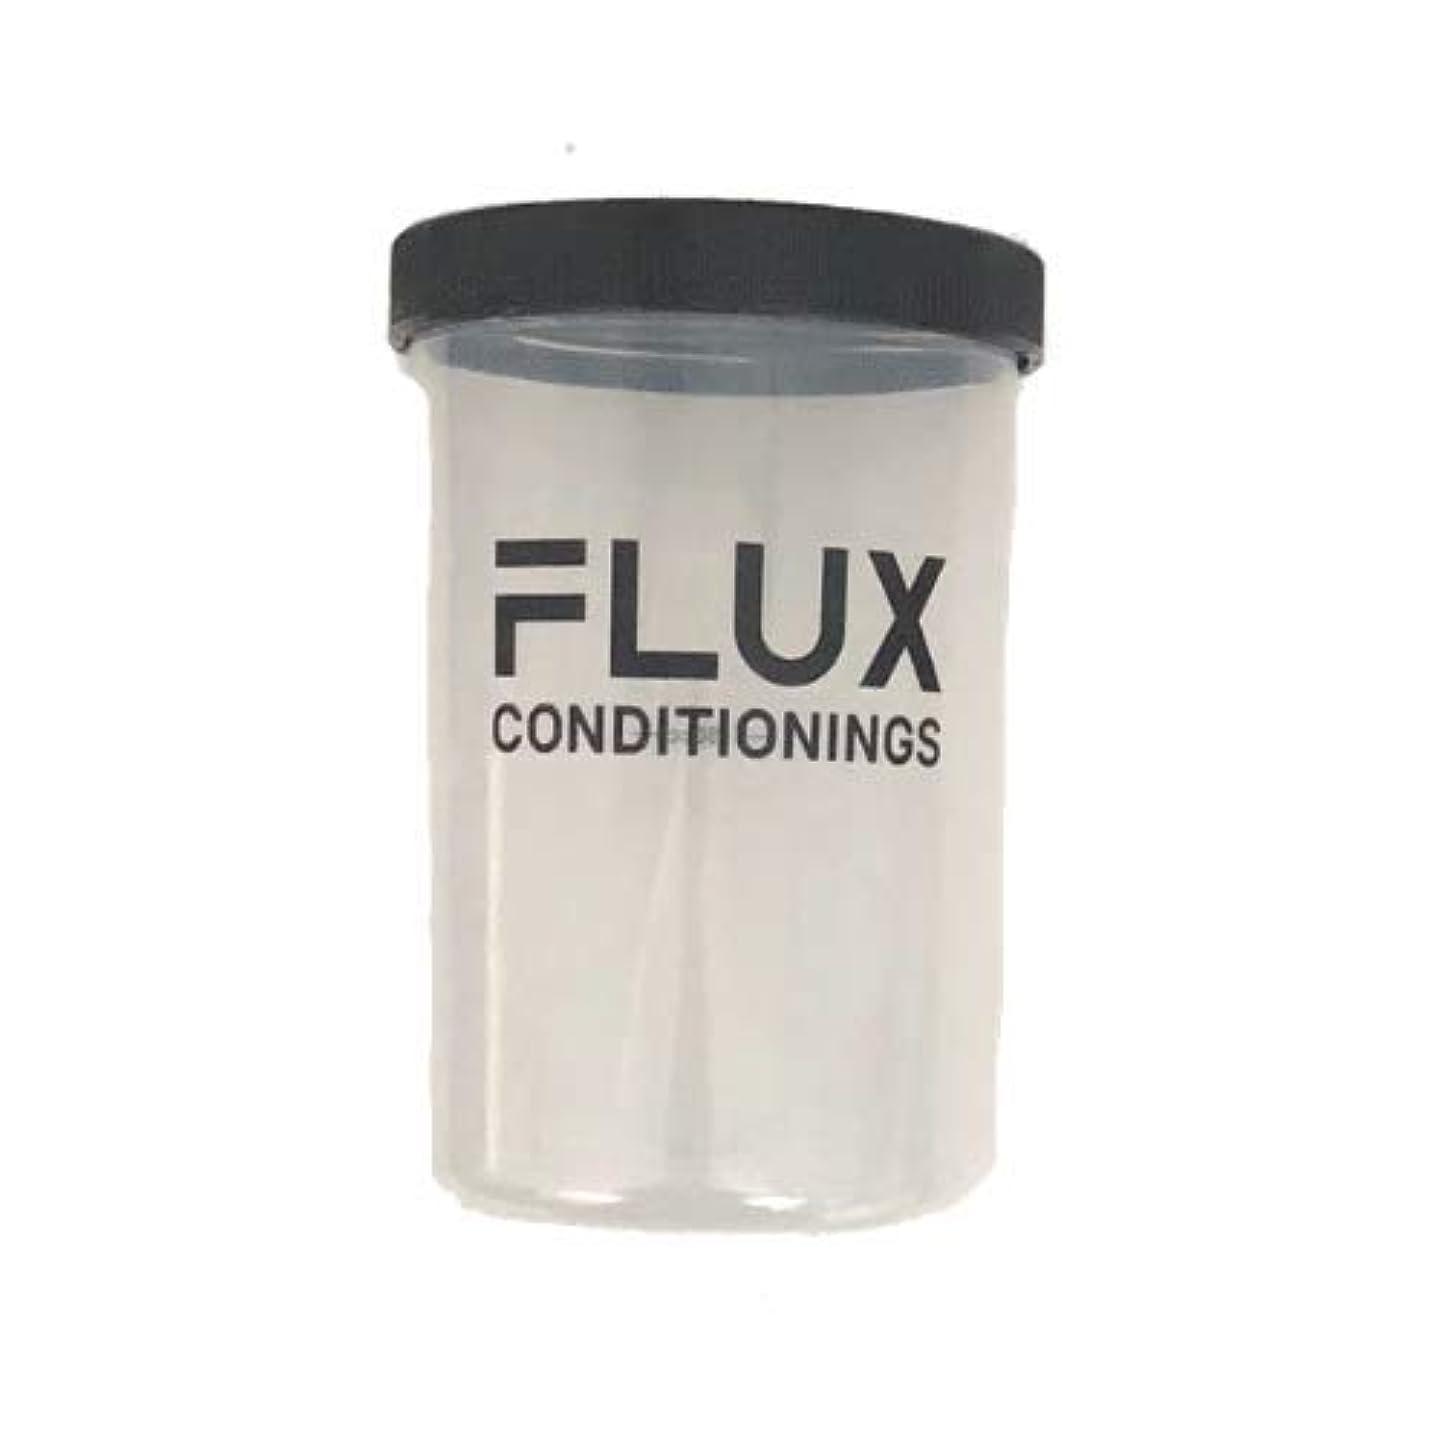 前件削減バラエティ代官山FLUX(フラックス)ジム、プロテインシェーカー (500ml)